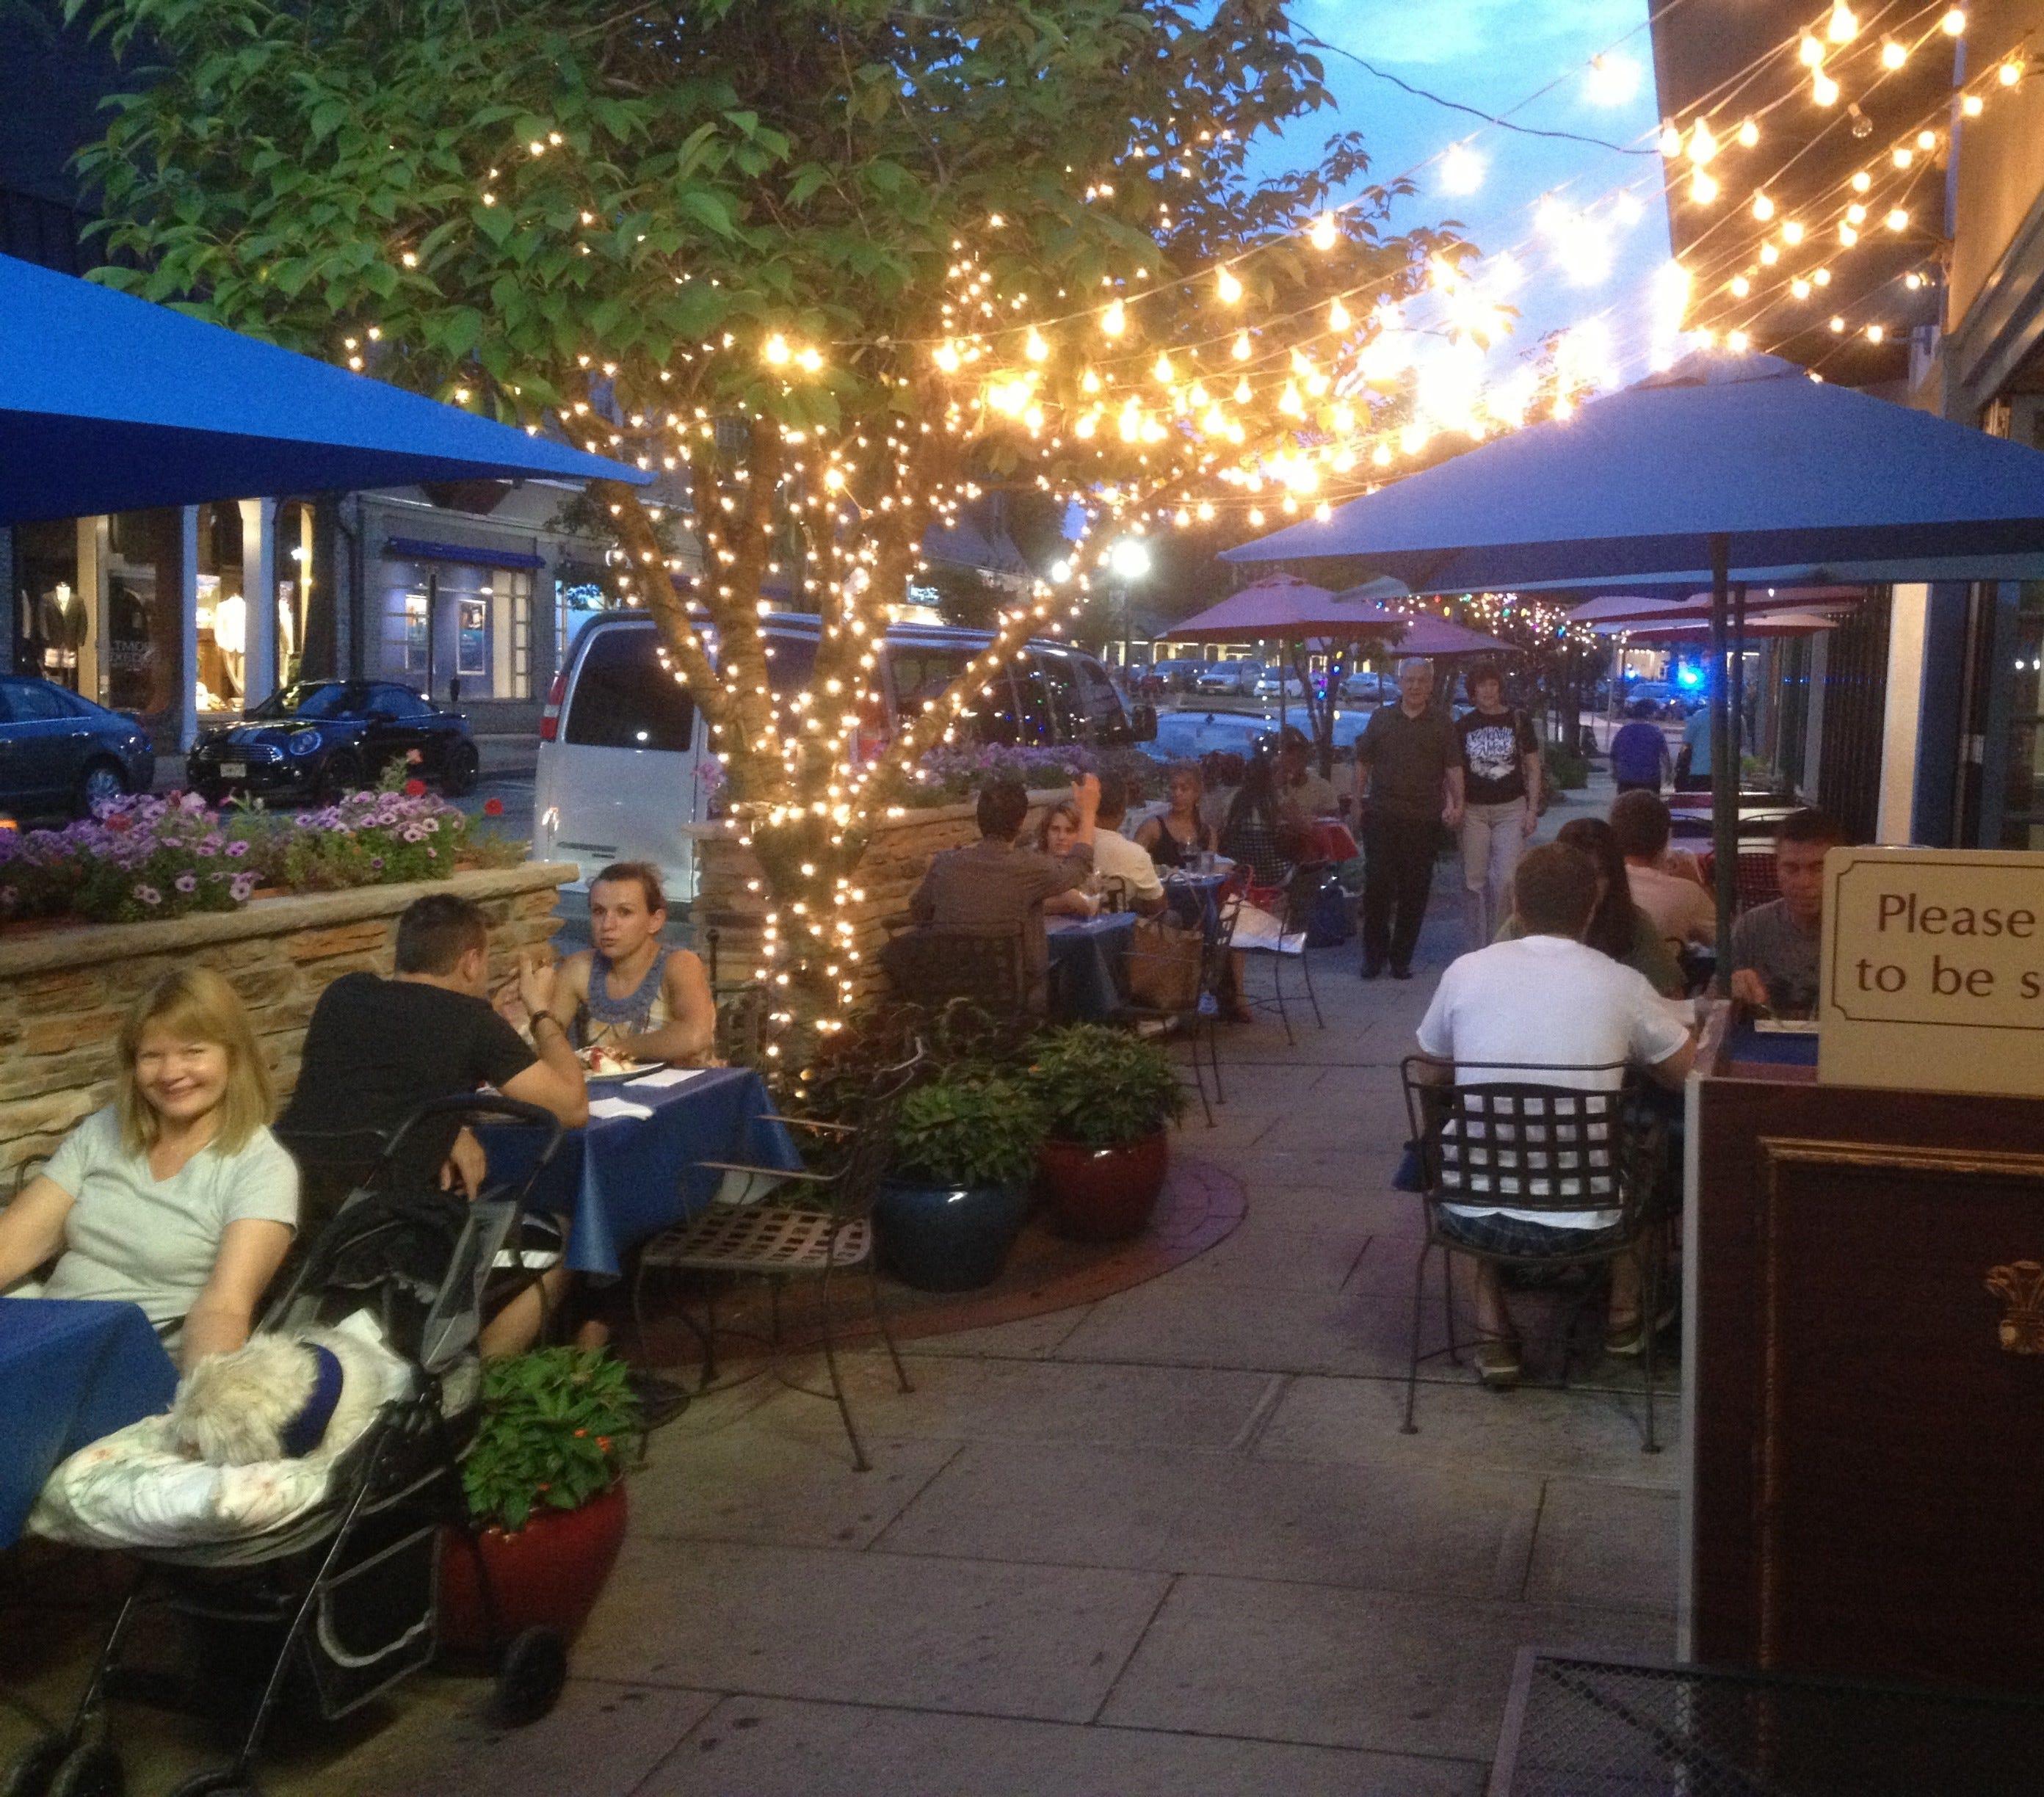 Nj Restaurants Offering Outdoor Dining Starting June 15